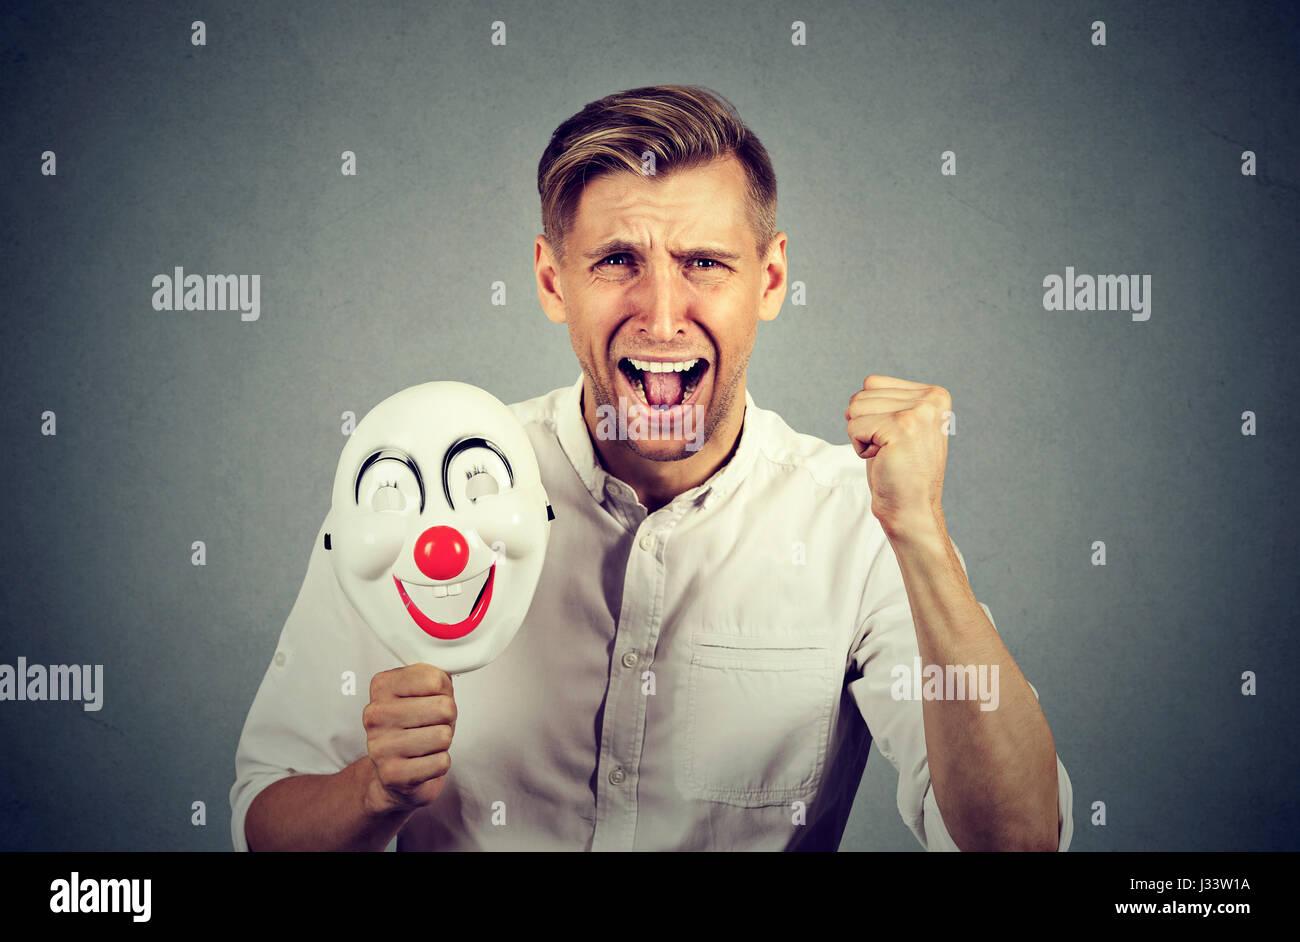 Retrato joven enojado enojado gritando hombre sujetando una máscara de payaso expresando su alegría felicidad Imagen De Stock